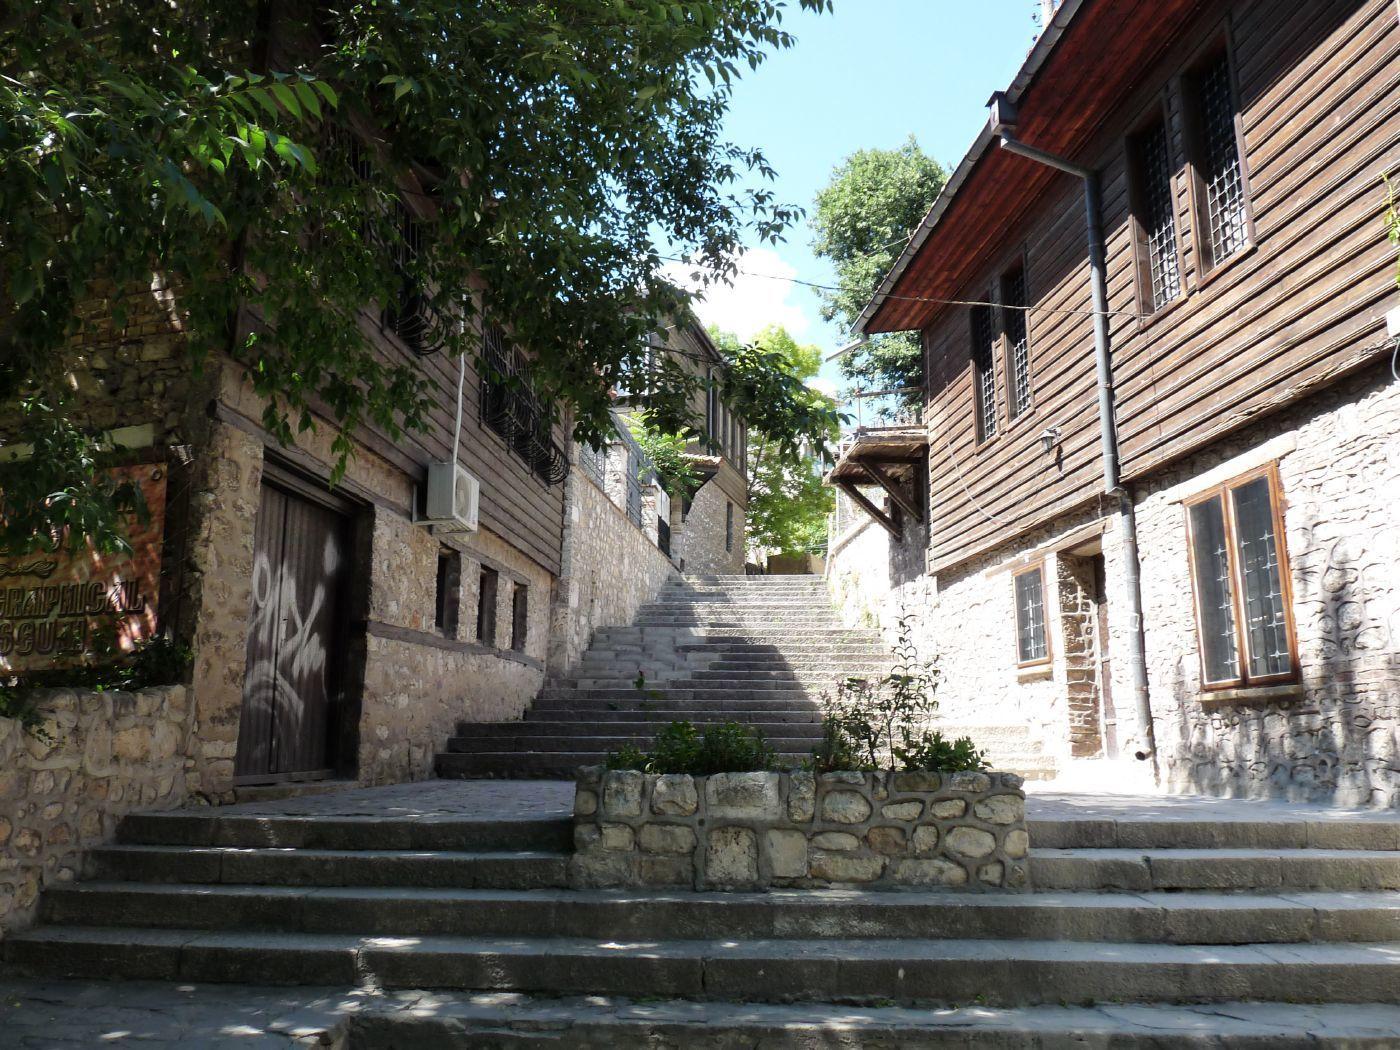 Varna became the major economic